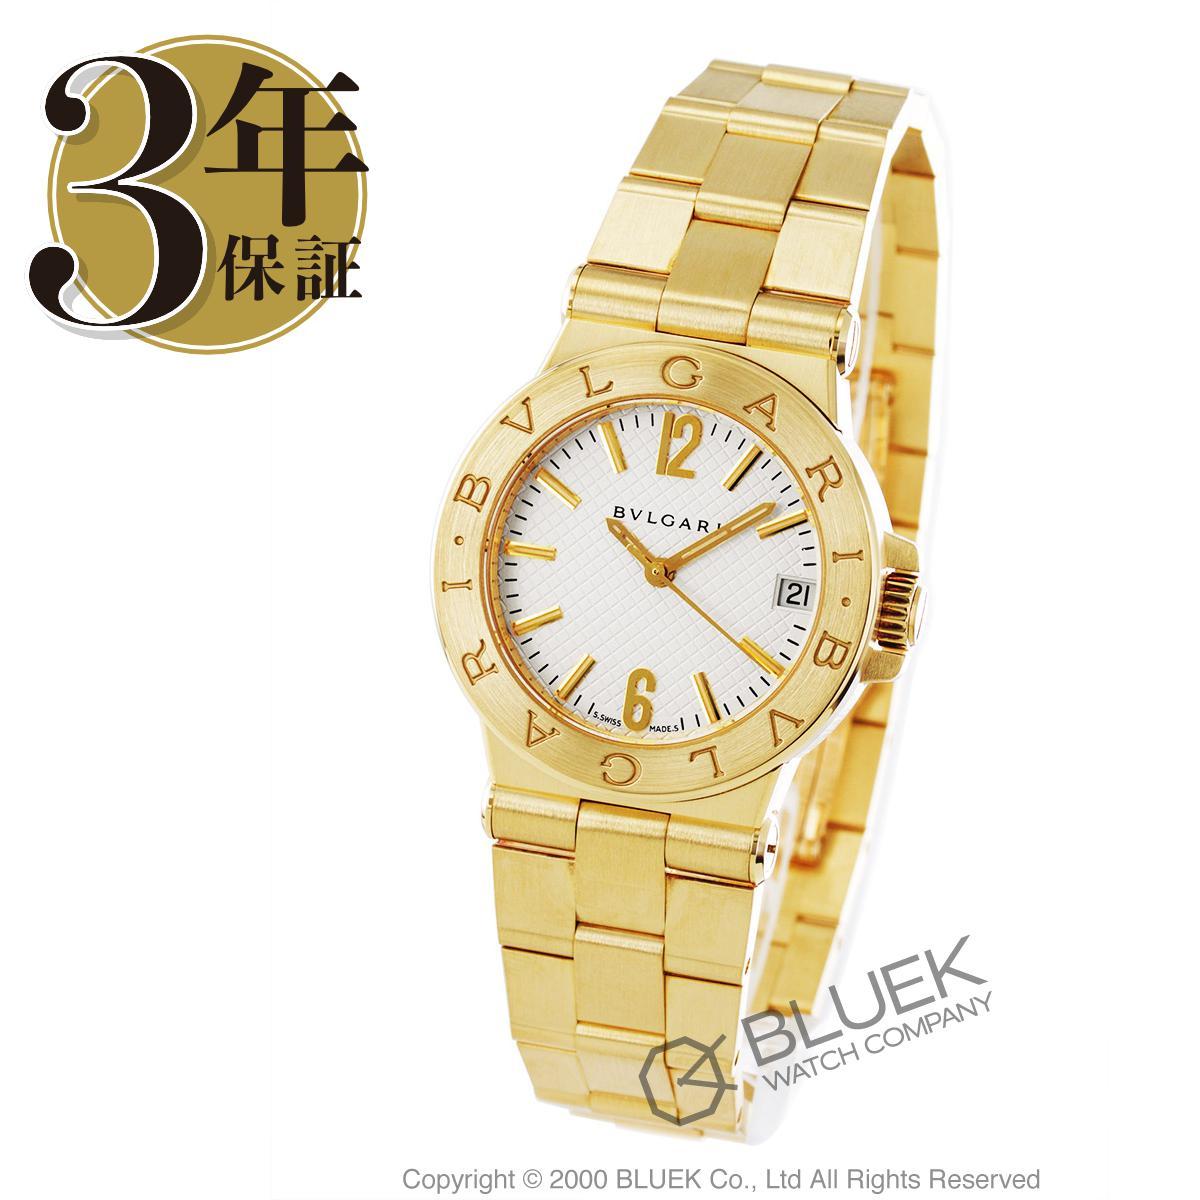 ブルガリ ディアゴノ YG金無垢 腕時計 レディース BVLGARI DG29C6GGD_8